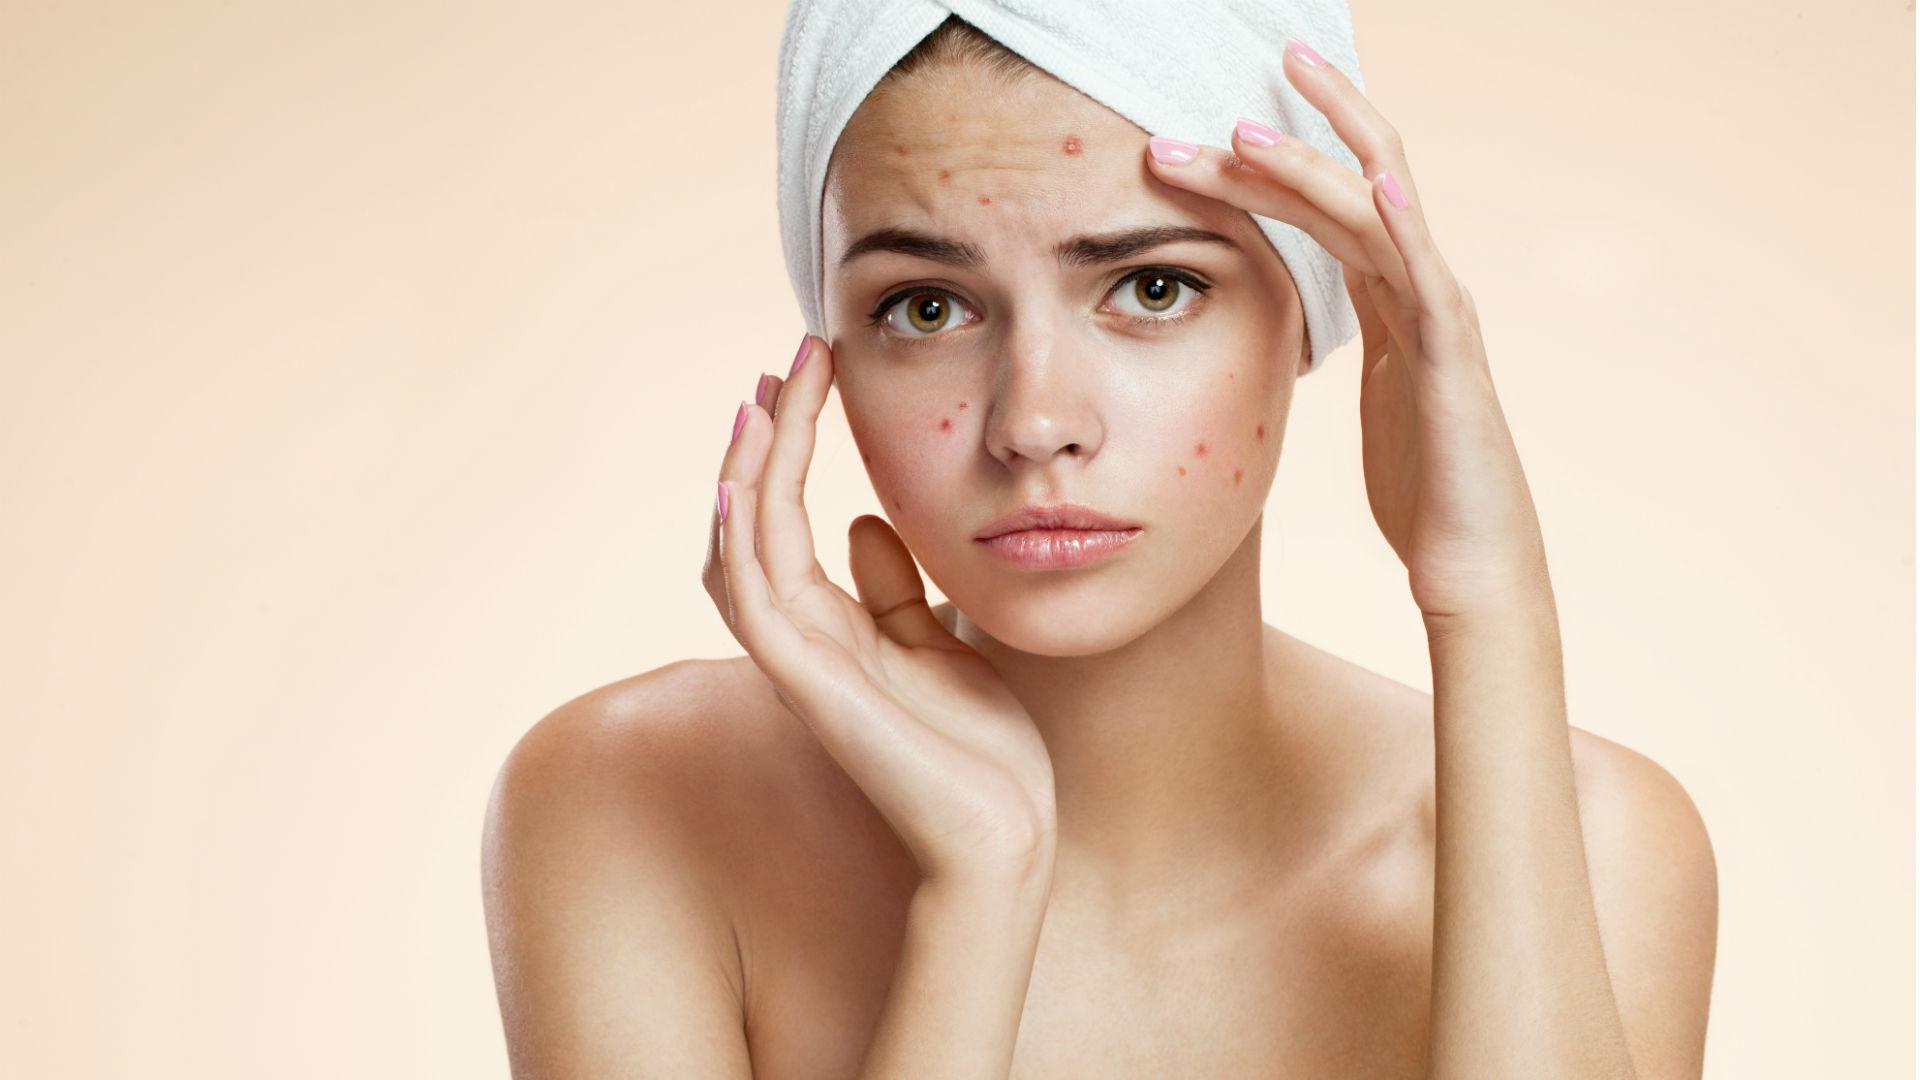 mujer-con-toalla-en-el-cabello-y-con-acné-en-el-rostro